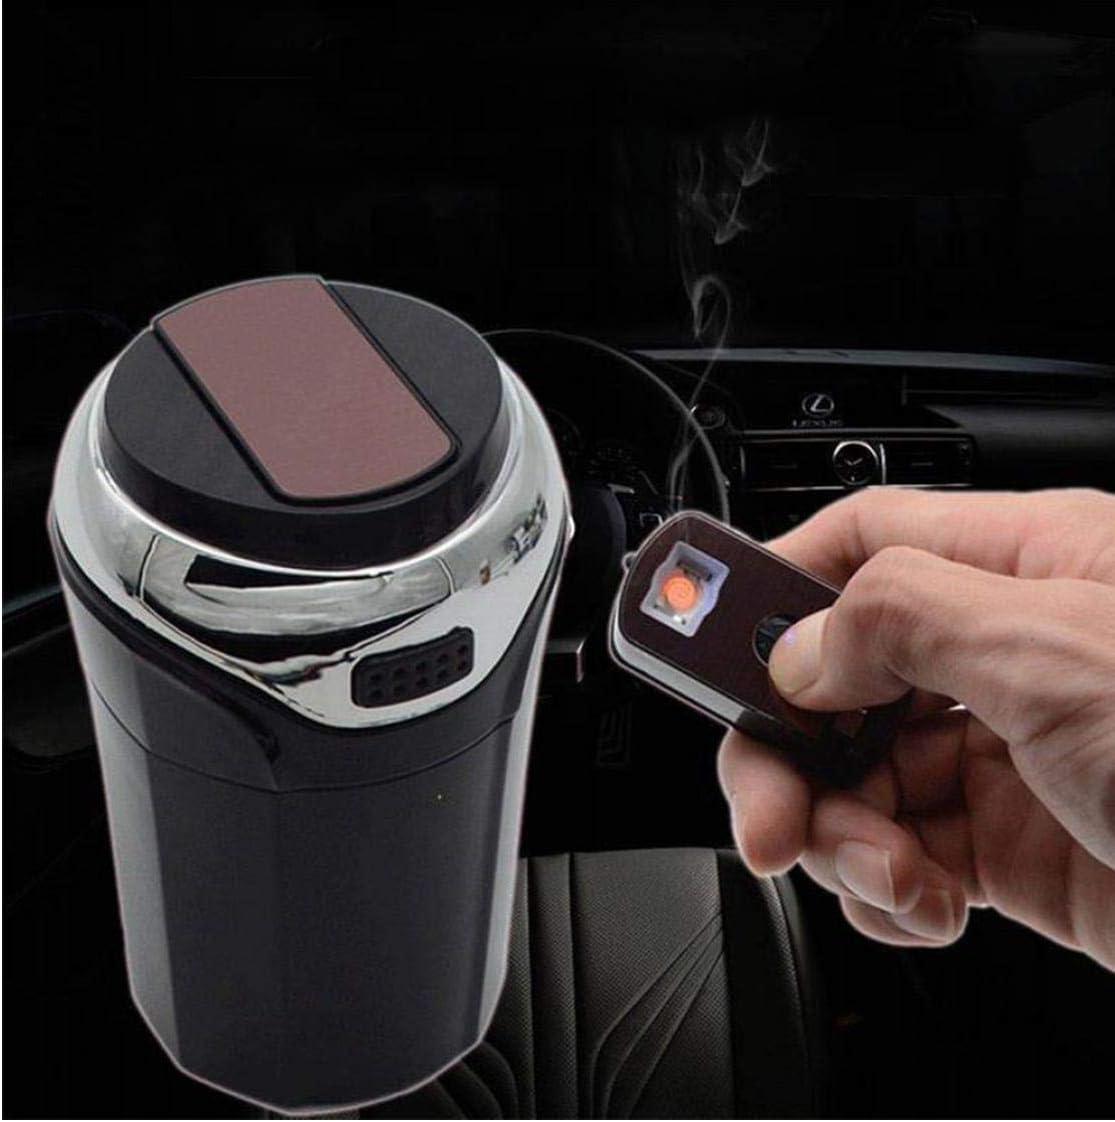 PiniceCore 2 in 1 Praktische Praktische Tragbare Leichtbau-Auto-Aschenbecher Asche Halter abnehmbar Zigarettenanz/ünder mit LED-Licht